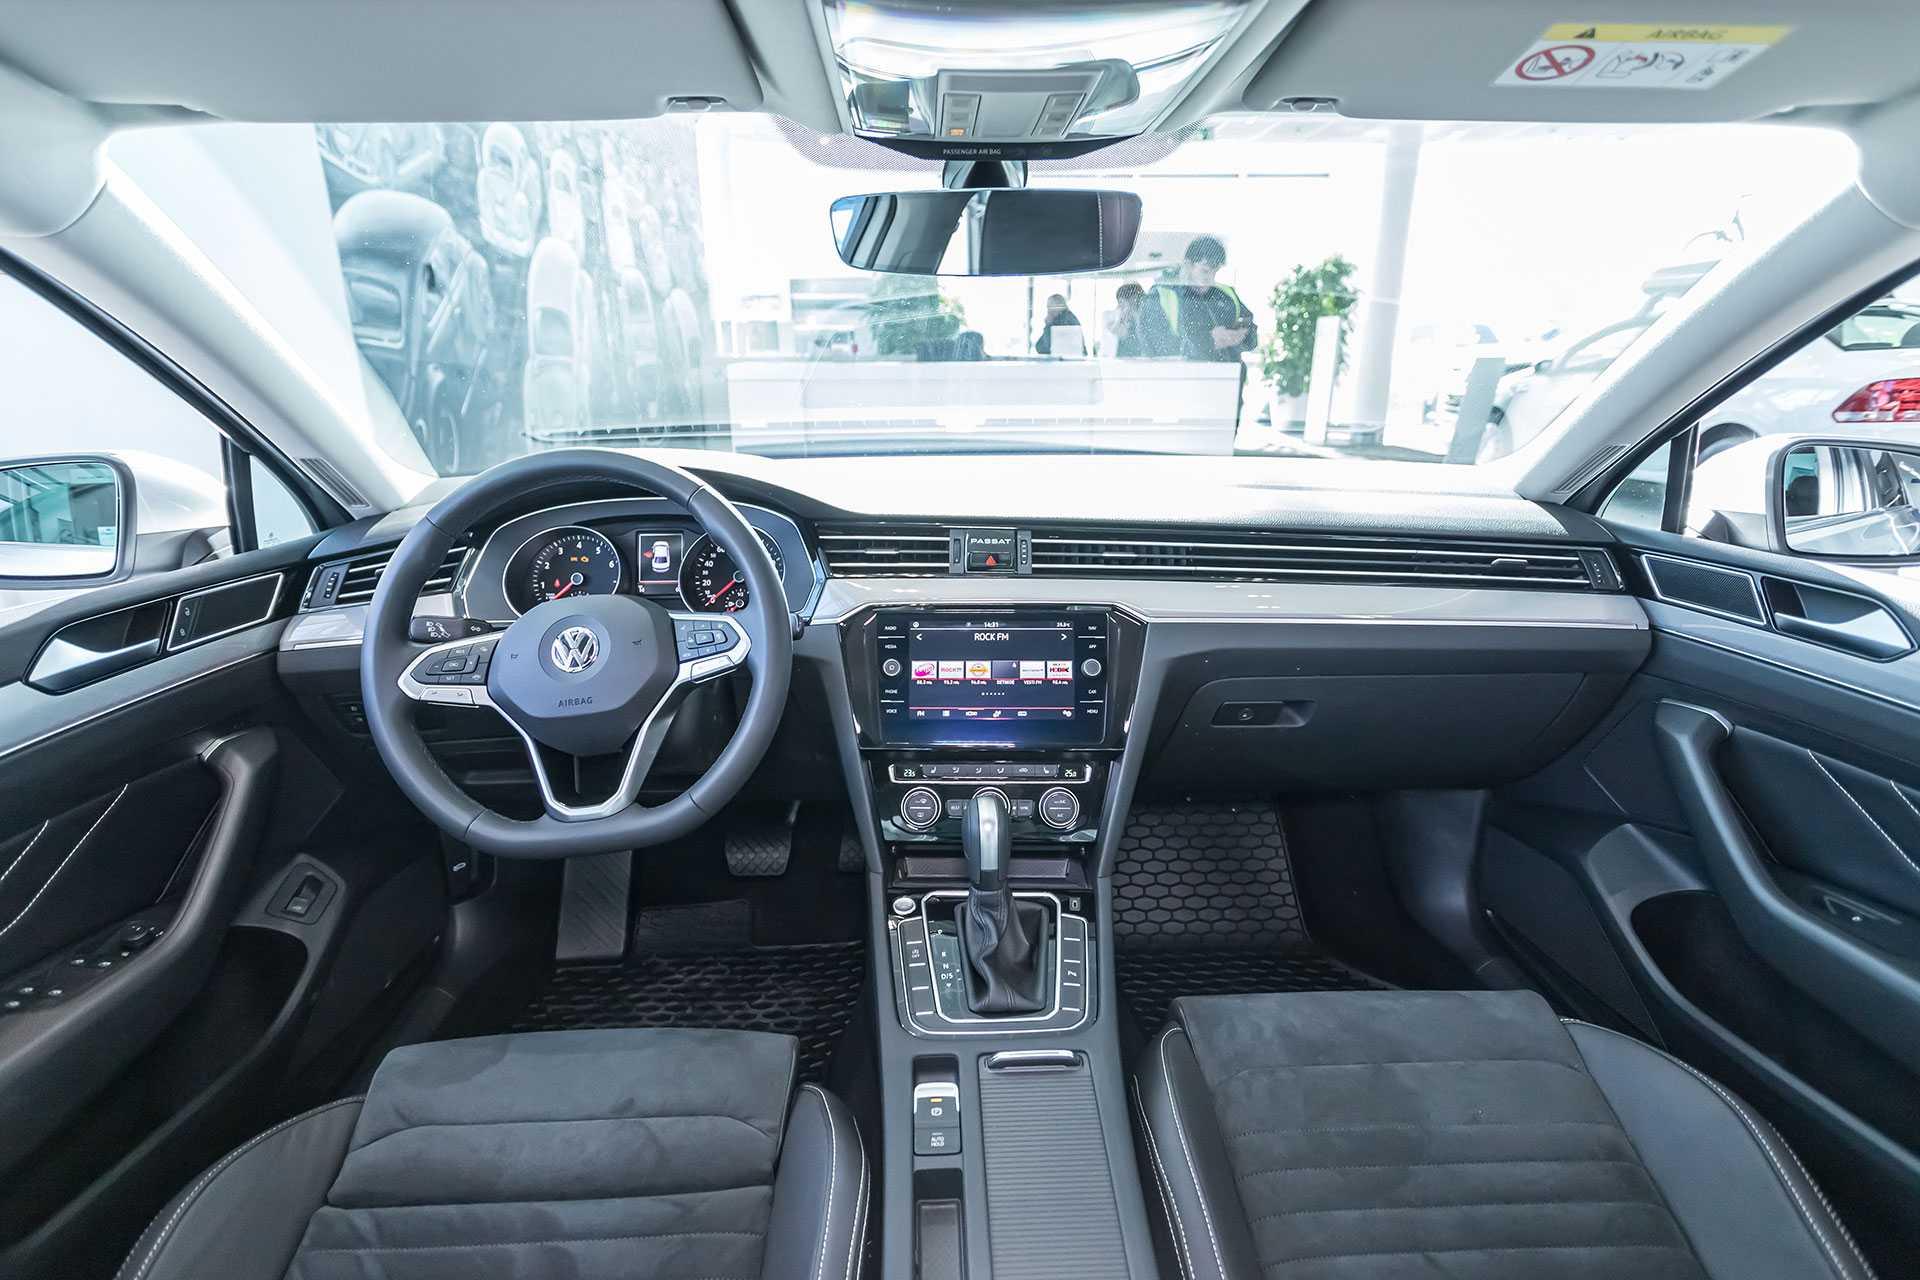 Фольксваген пассат 2020 технические характеристики. volkswagen passat 2020 комплектации и цены фото.